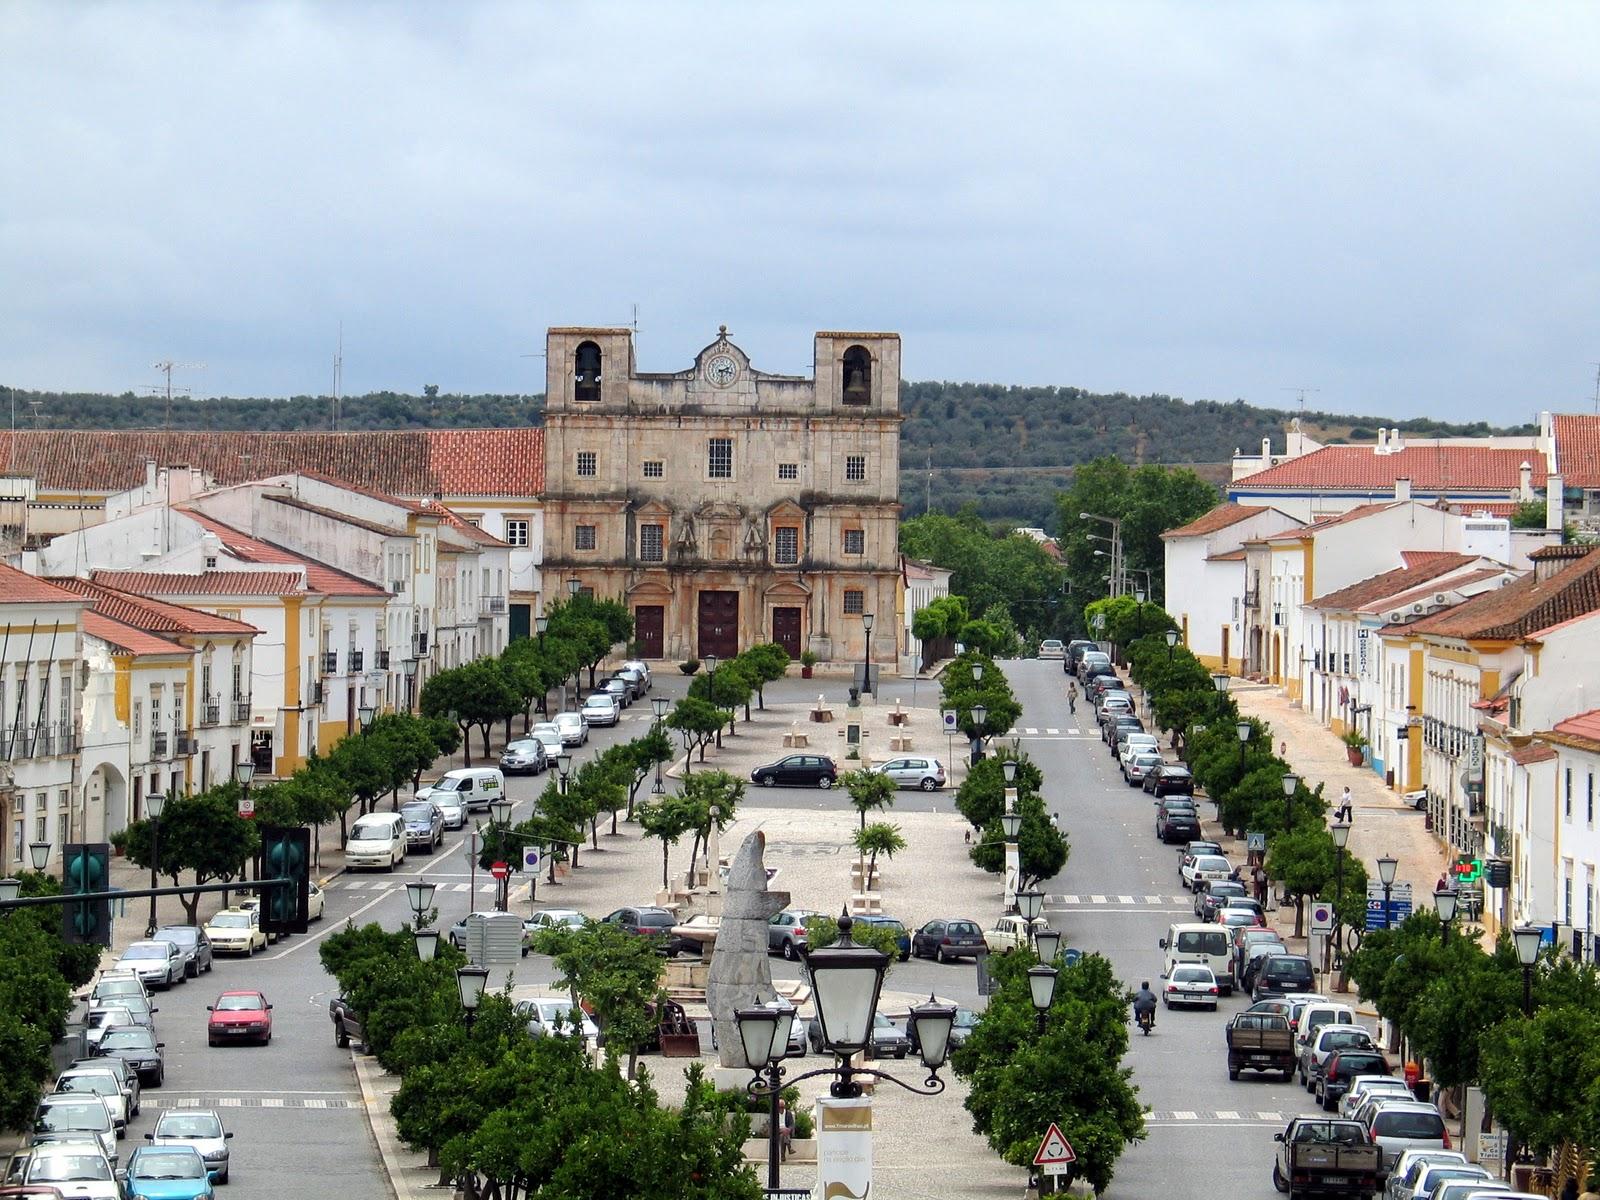 Vila Vicosa Portugal  city photos gallery : Cidade: MUNDO VASTO ... VILA VIÇOSA/ALENTEJO /PORTUGAL